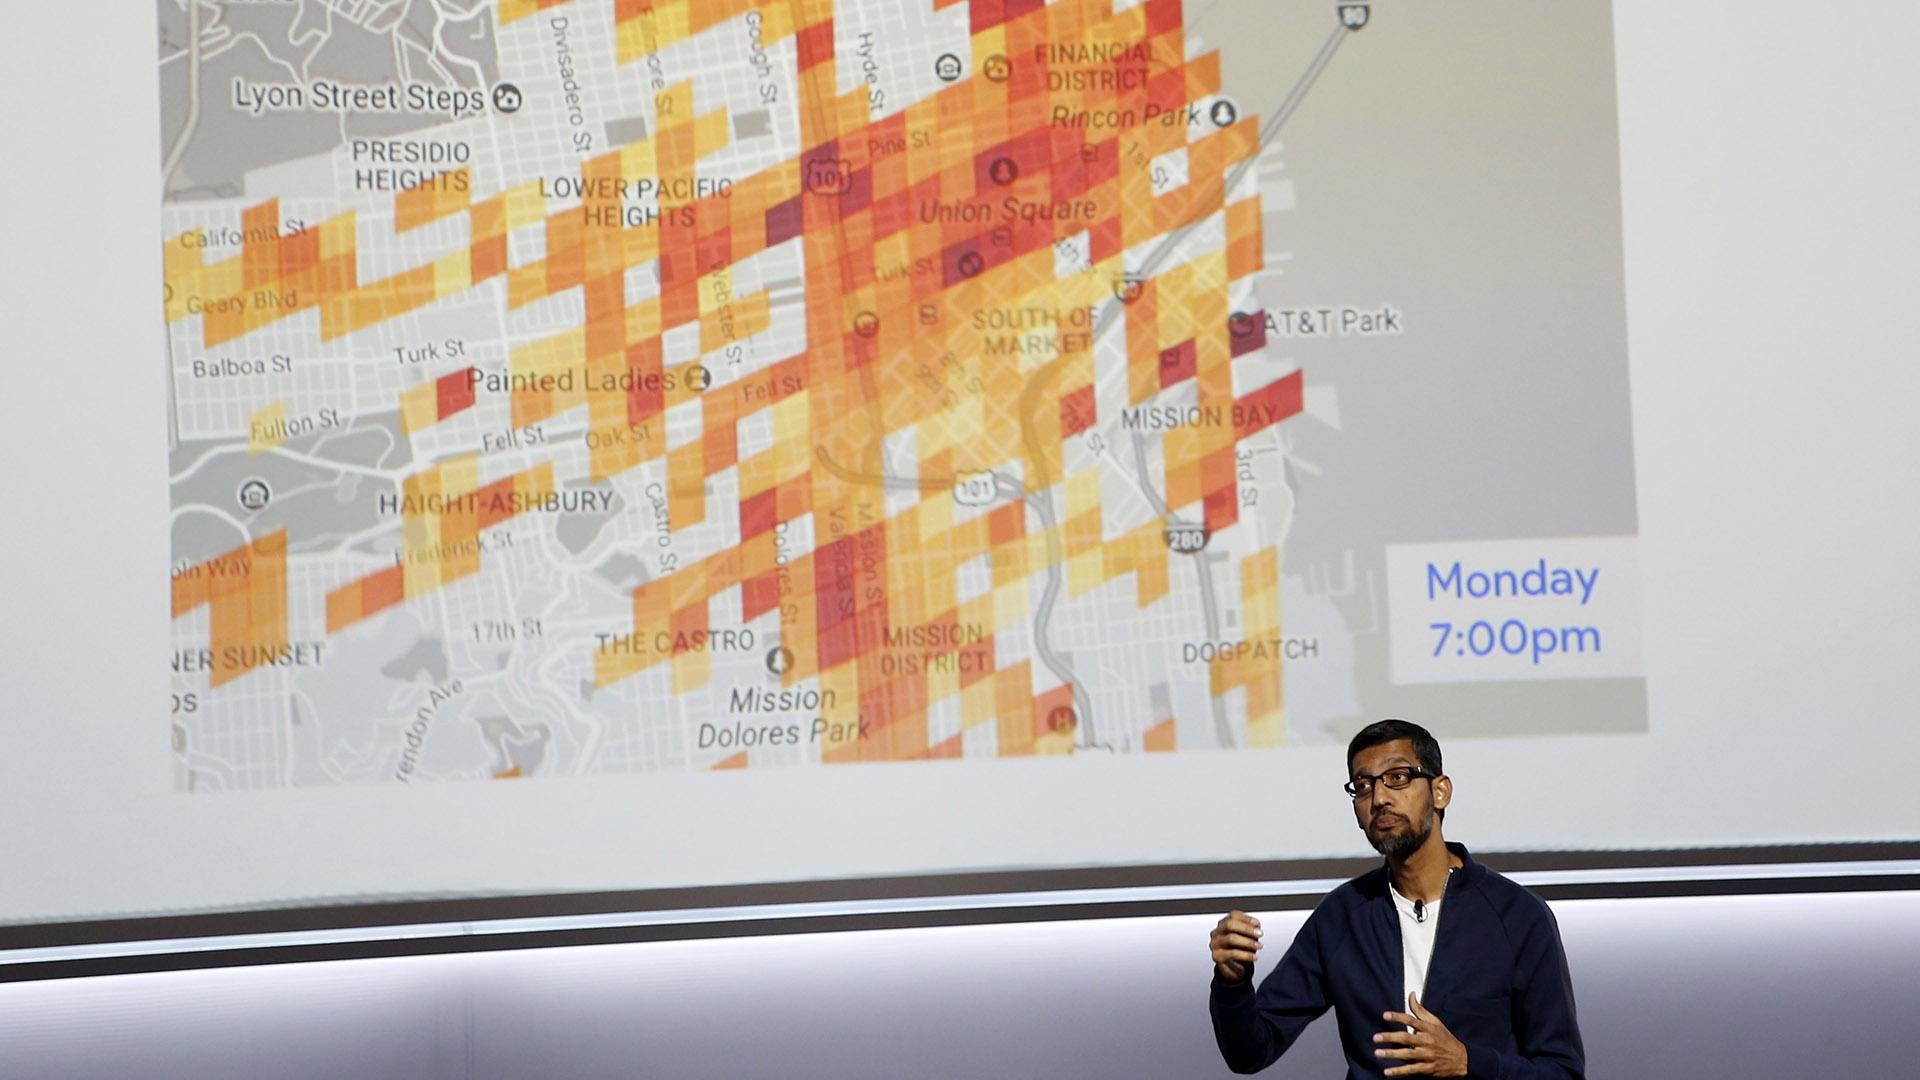 El director ejecutivo de Google Inc, Sundar Pichai, habla sobre la programación predictiva de estacionamientos de la compañía durante una presentación en San Francisco, California, EEUU, el 4 de octubre de 2017